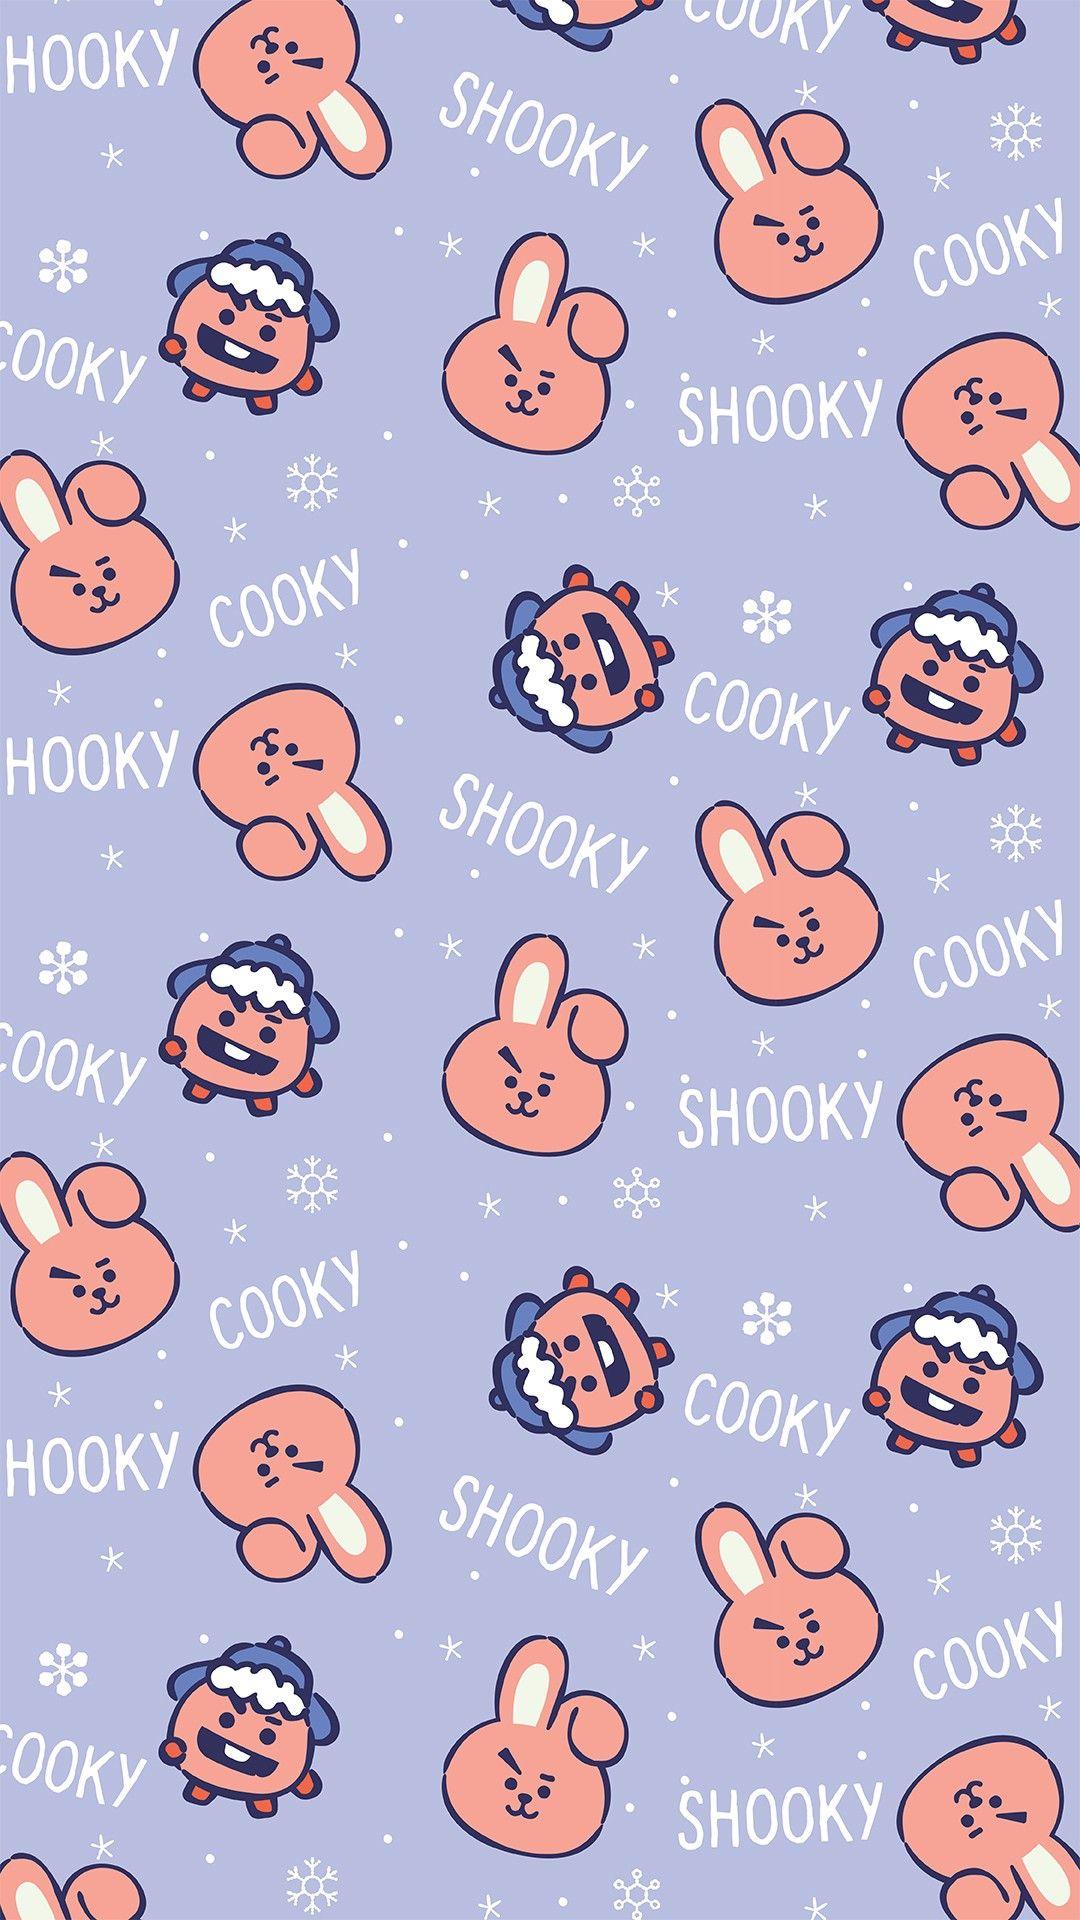 SHOOKY COOKY Let_It_Snow Wallpaper HD Lockscreen